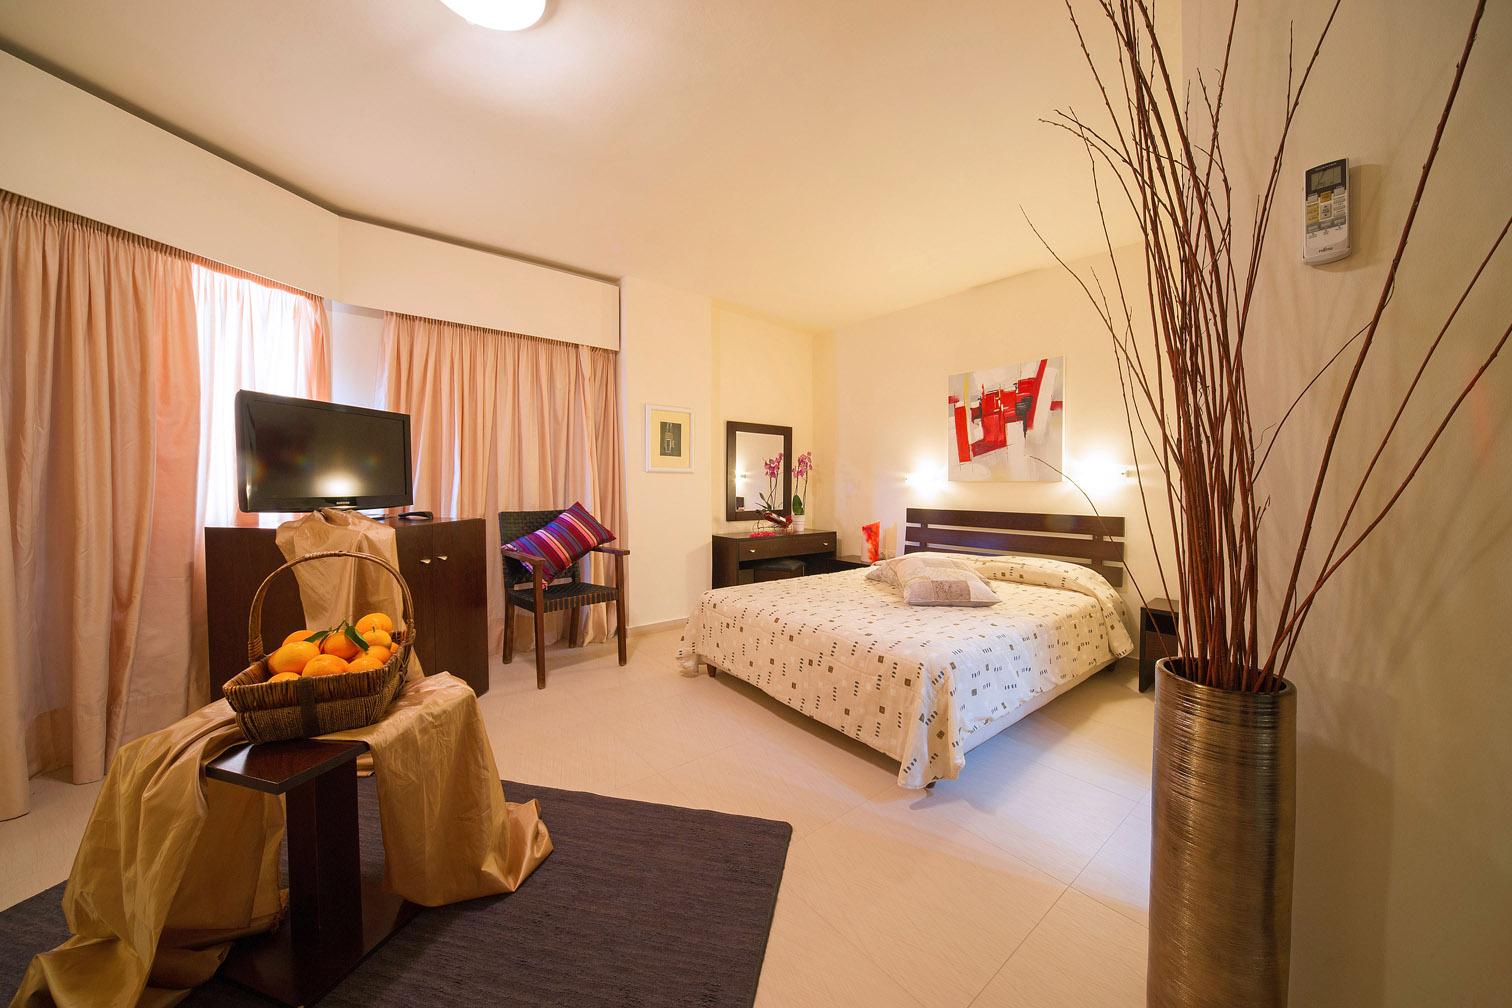 Hotel Nafpaktos - Ναύπακτος ✦ -15% ✦ 3 Ημέρες (2 Διανυκτερεύσεις)